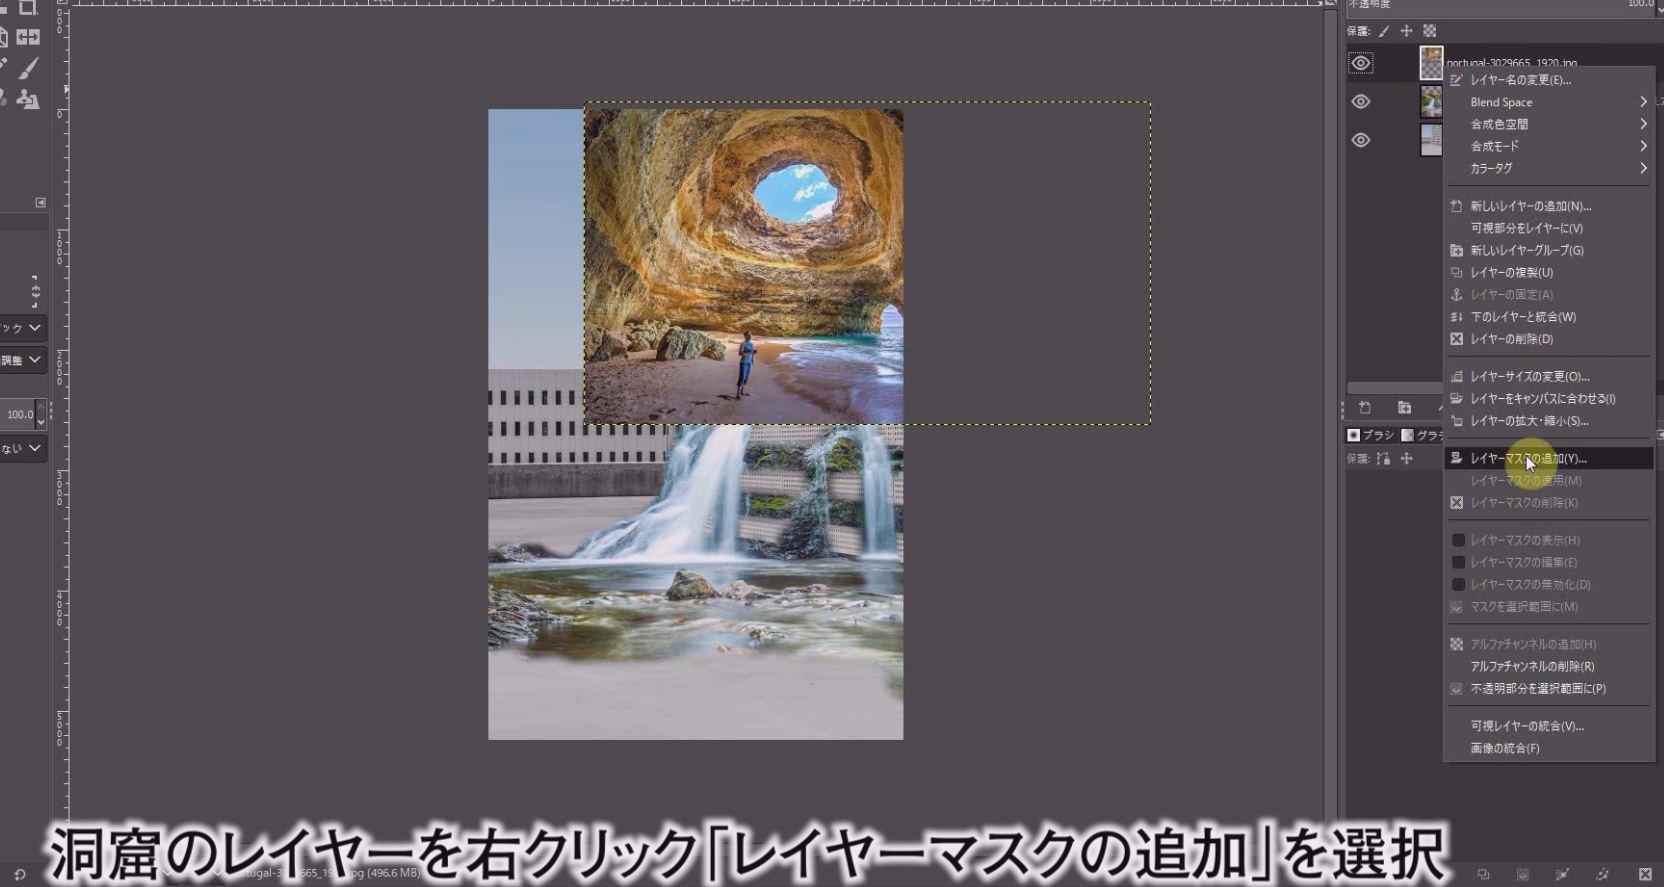 洞窟のレイヤーを右クリック「レイヤーマスクの追加」を選択します。